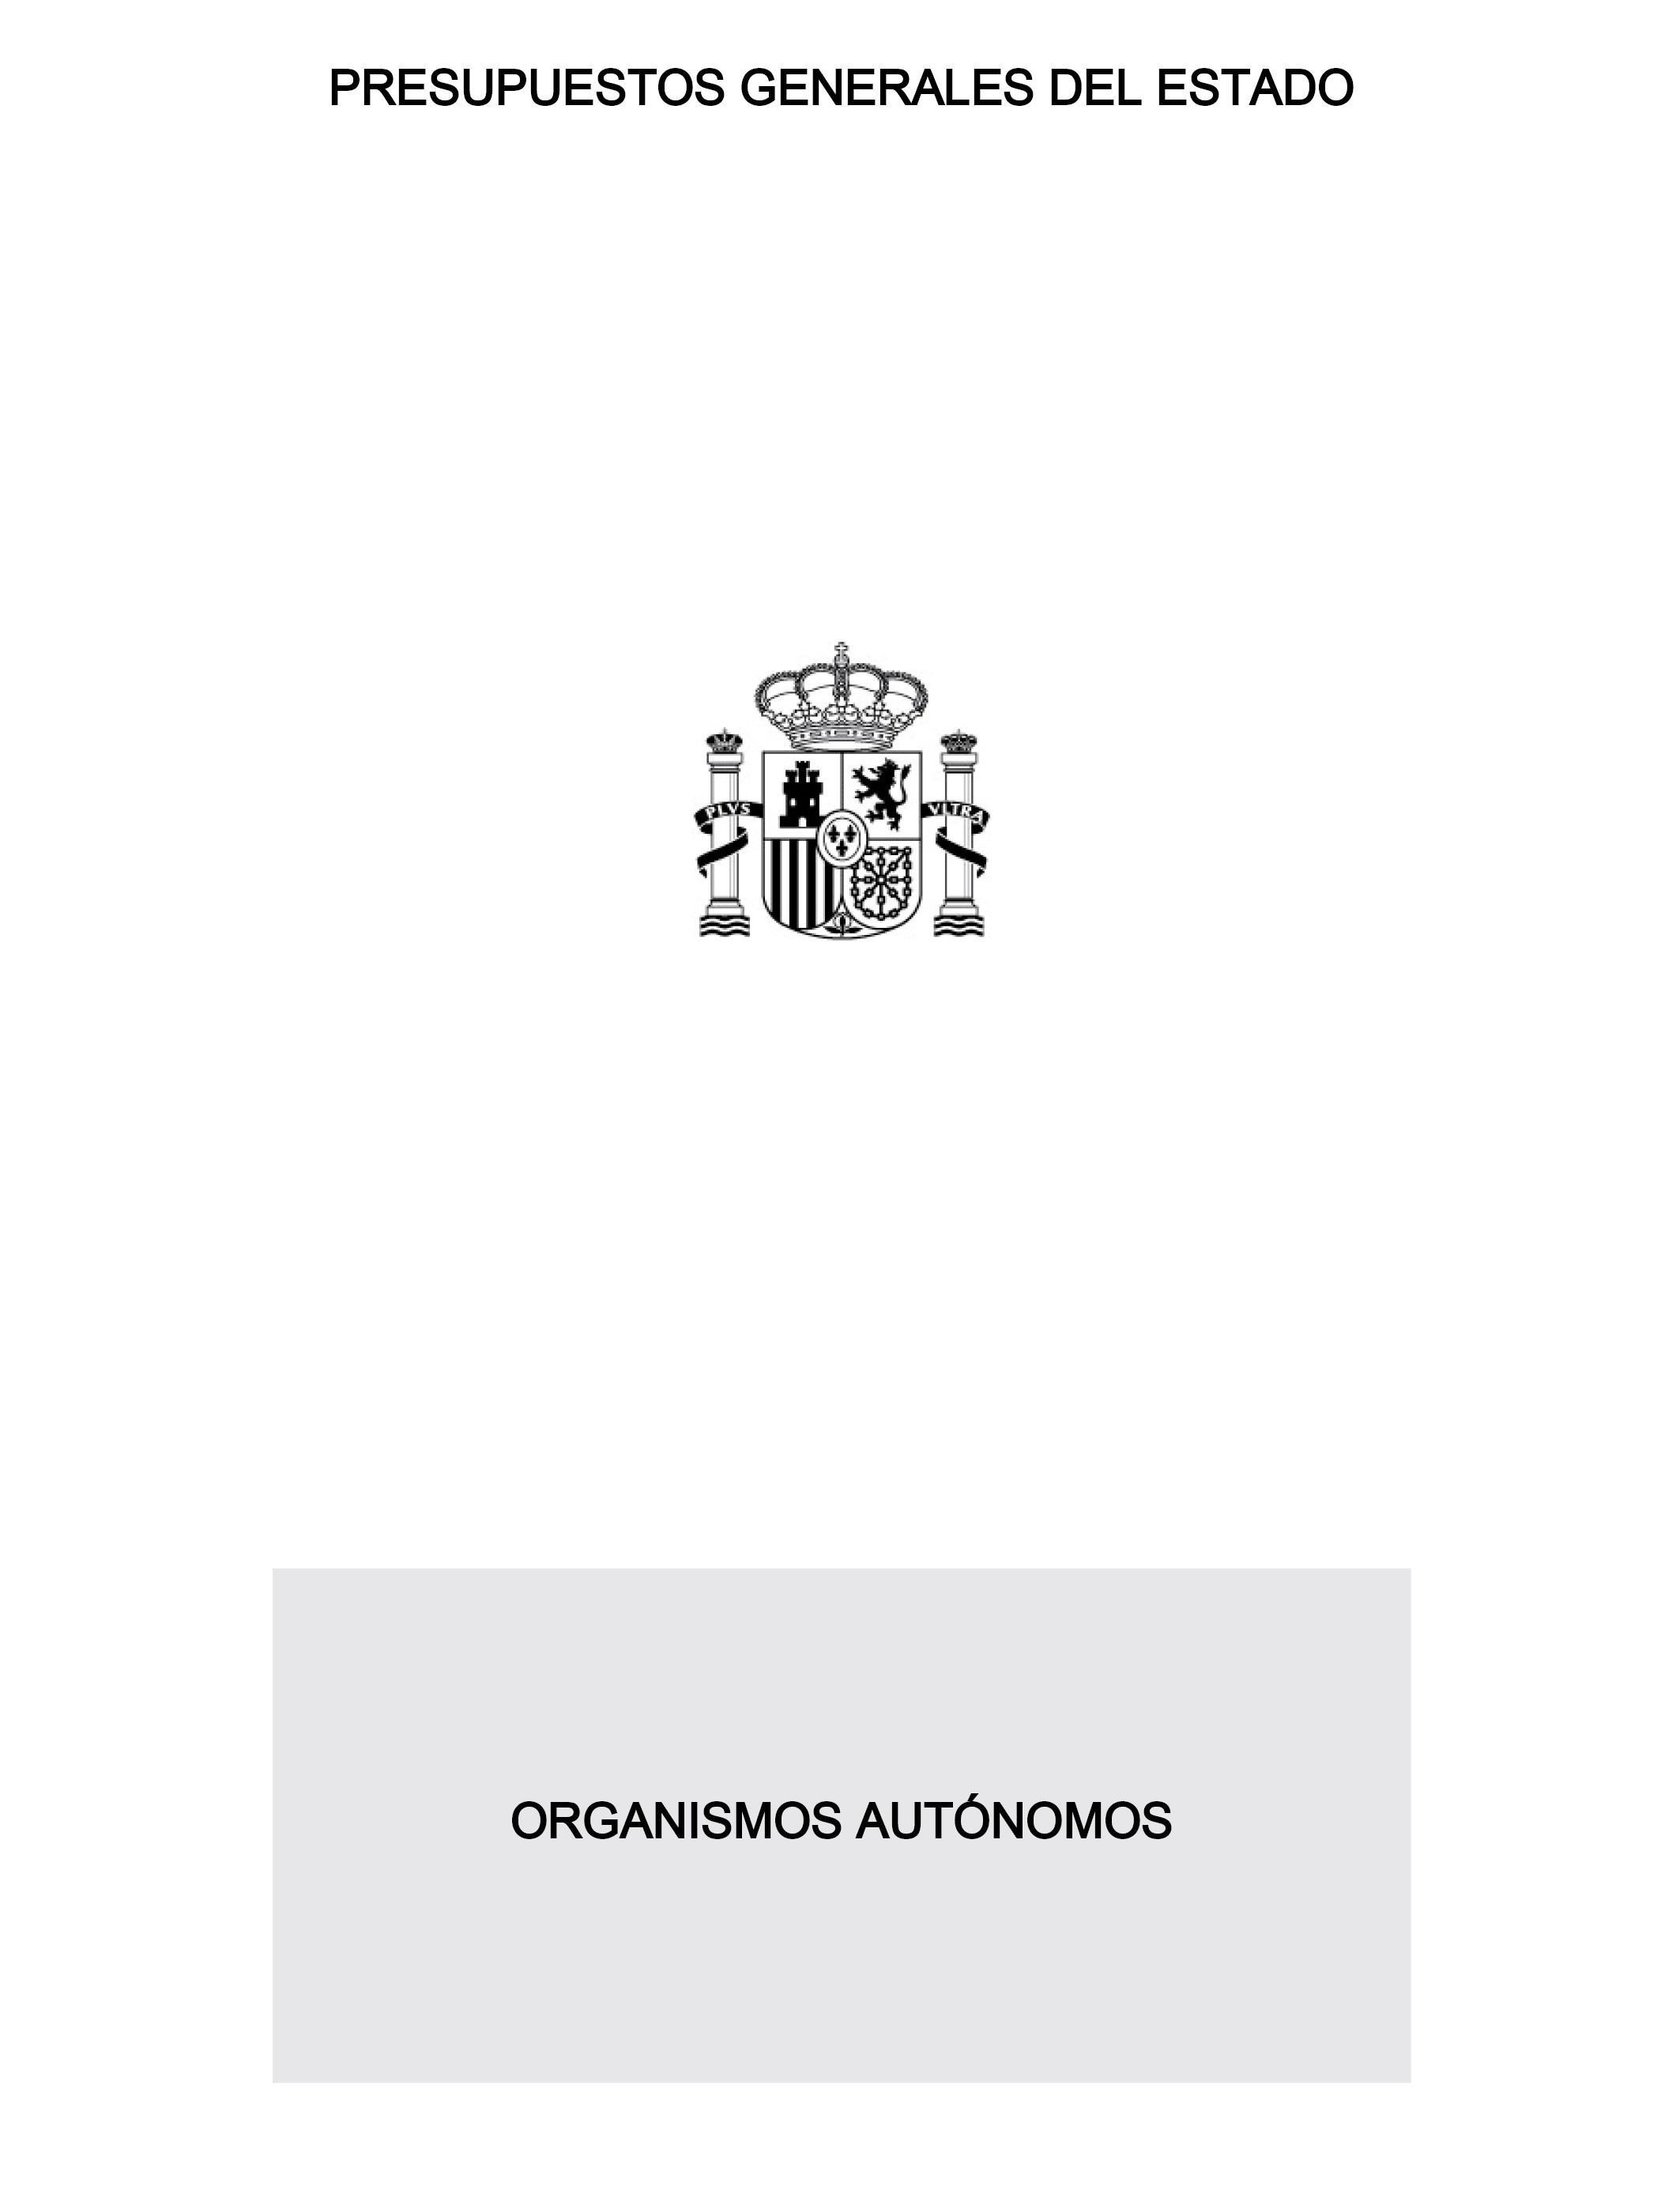 Calendario Festivo 2019 andalucia Más Reciente Boe Documento Consolidado Boe A 2018 9268 Of Calendario Festivo 2019 andalucia Actual Boe Documento Consolidado Boe A 2018 9268